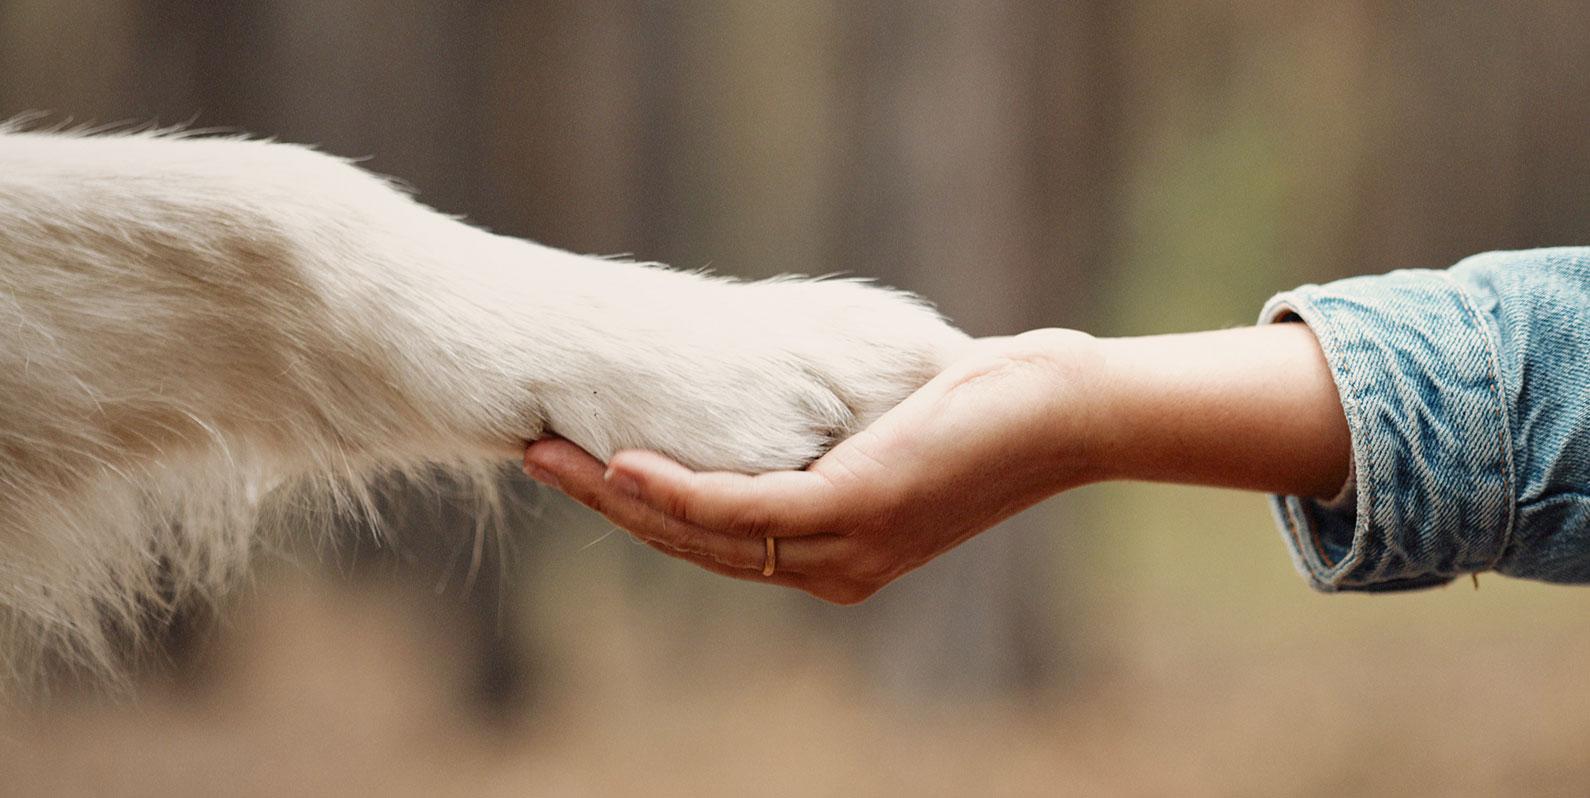 O convívio com cães resgata a empatia ancestral que nos tornou humanos